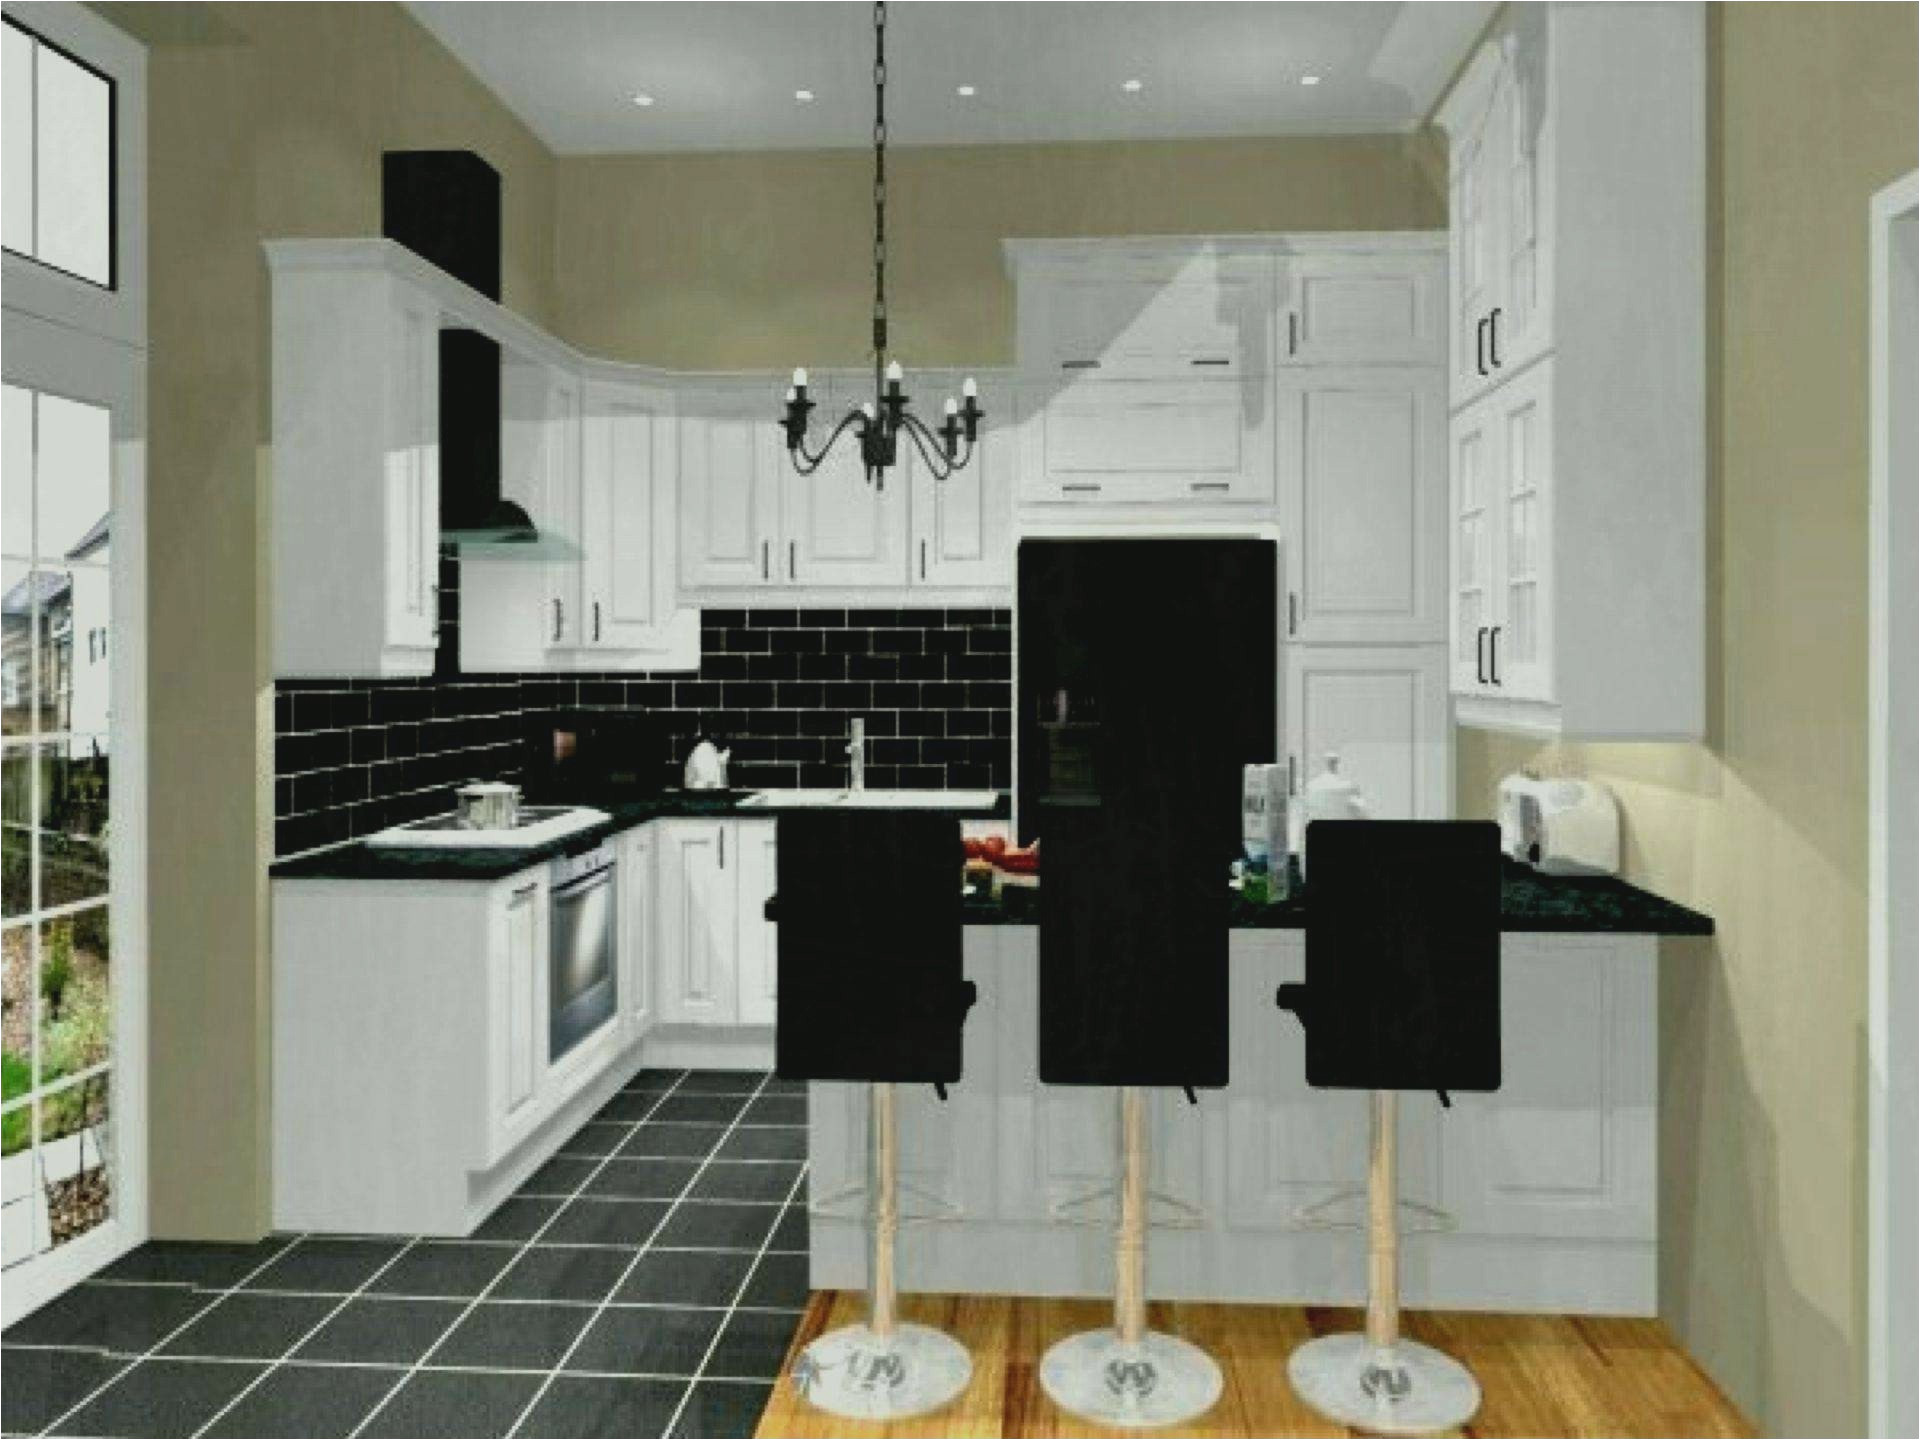 kitchen design tool best of ikea kitchen designer usa unique pax wardrobe planner us ideas pictures